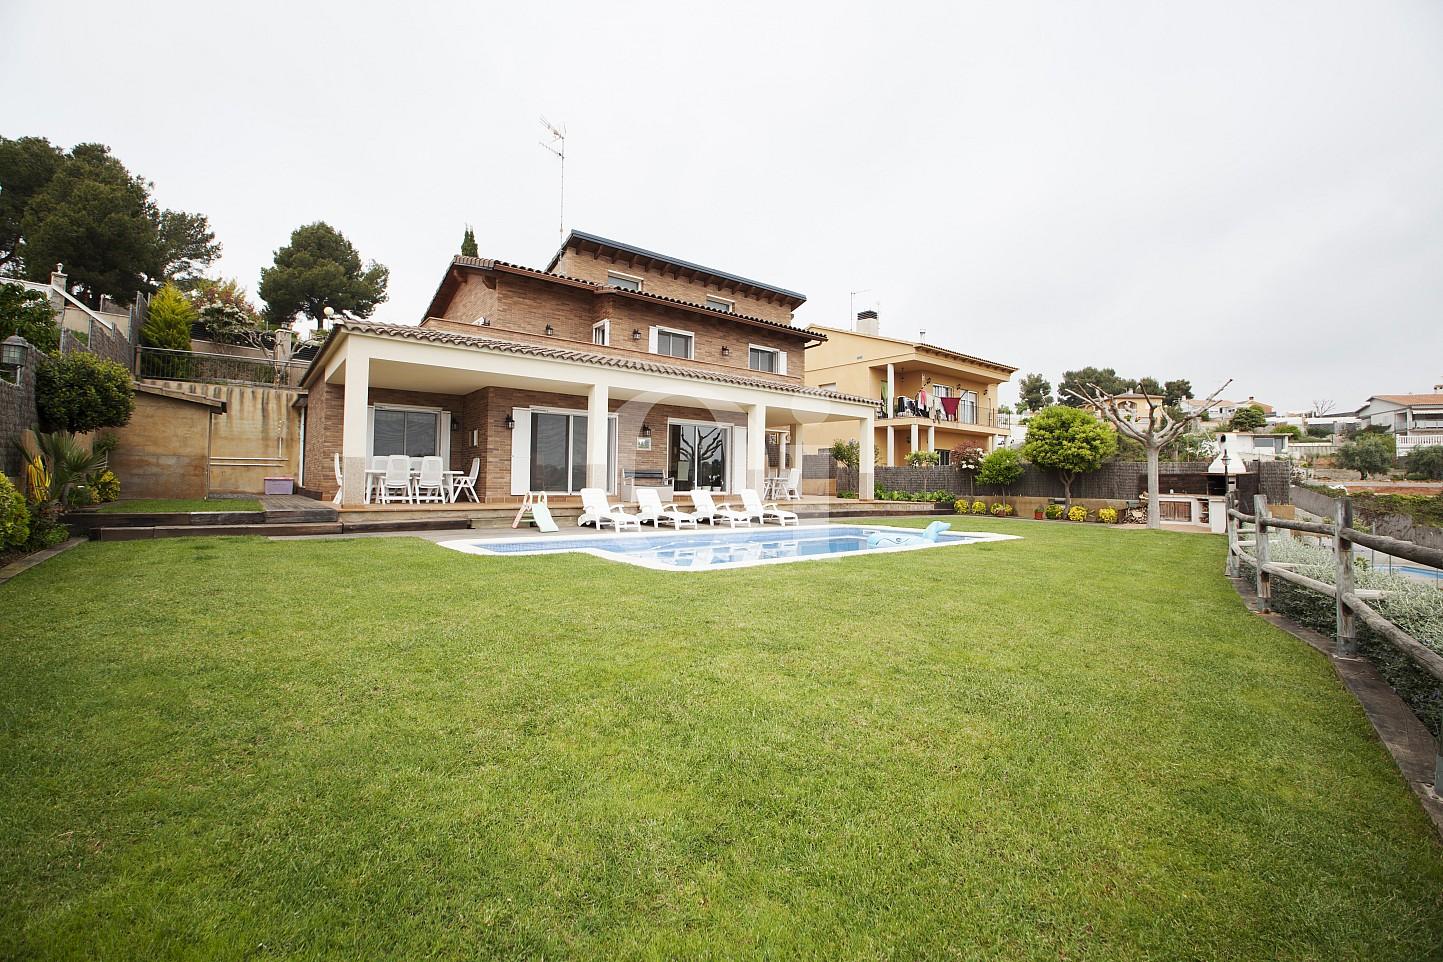 Blick auf die Fassade vom Haus zum Verkauf, Segur de Calafell